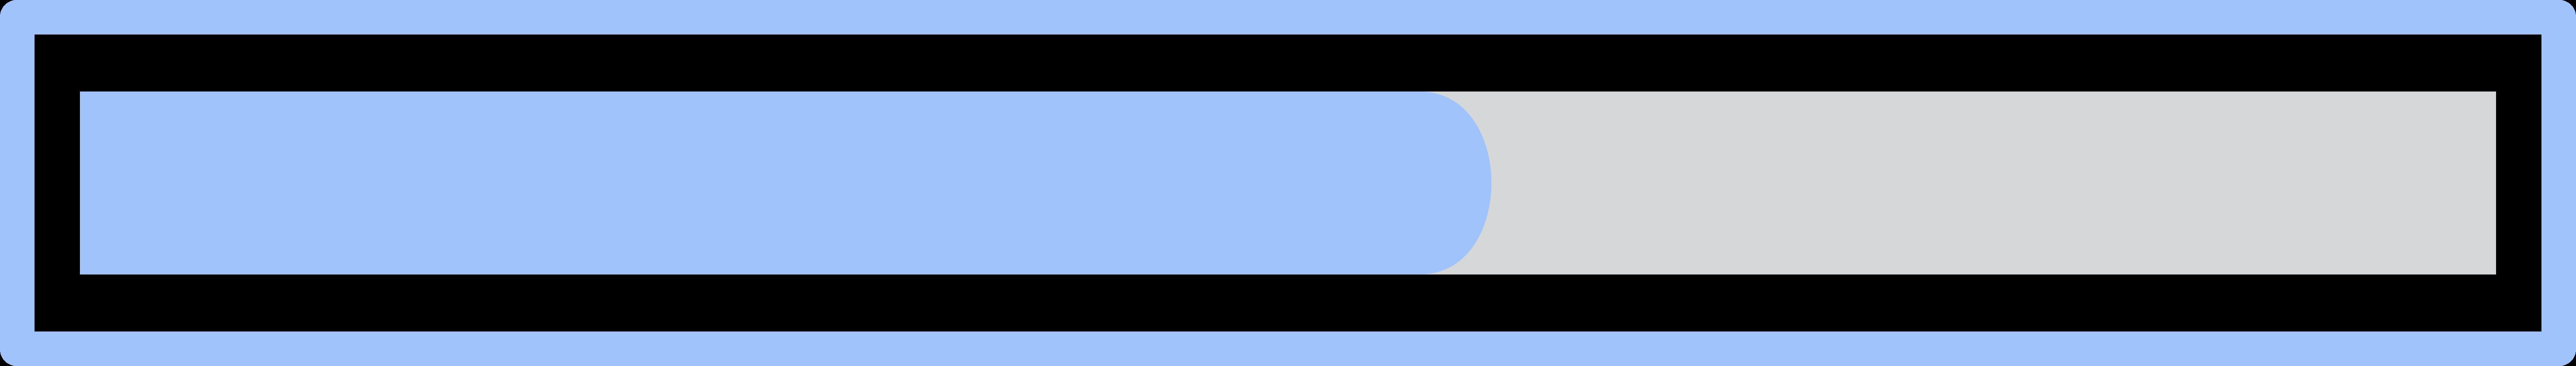 Ilustración de clipart de barra de progreso en PNG, SVG